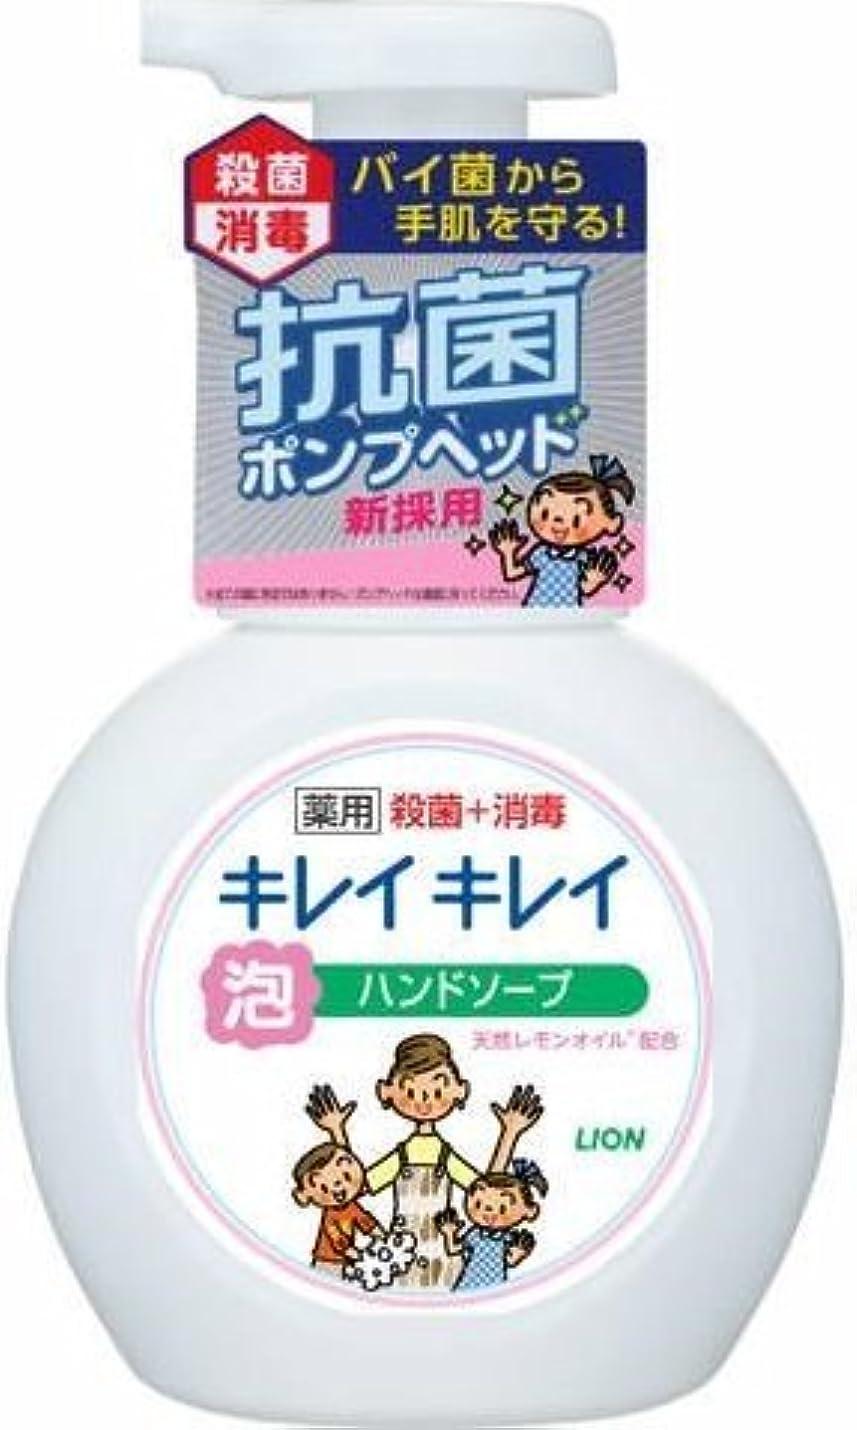 キレイキレイ 薬用泡ハンドソープ ポンプ250ml × 3個セット